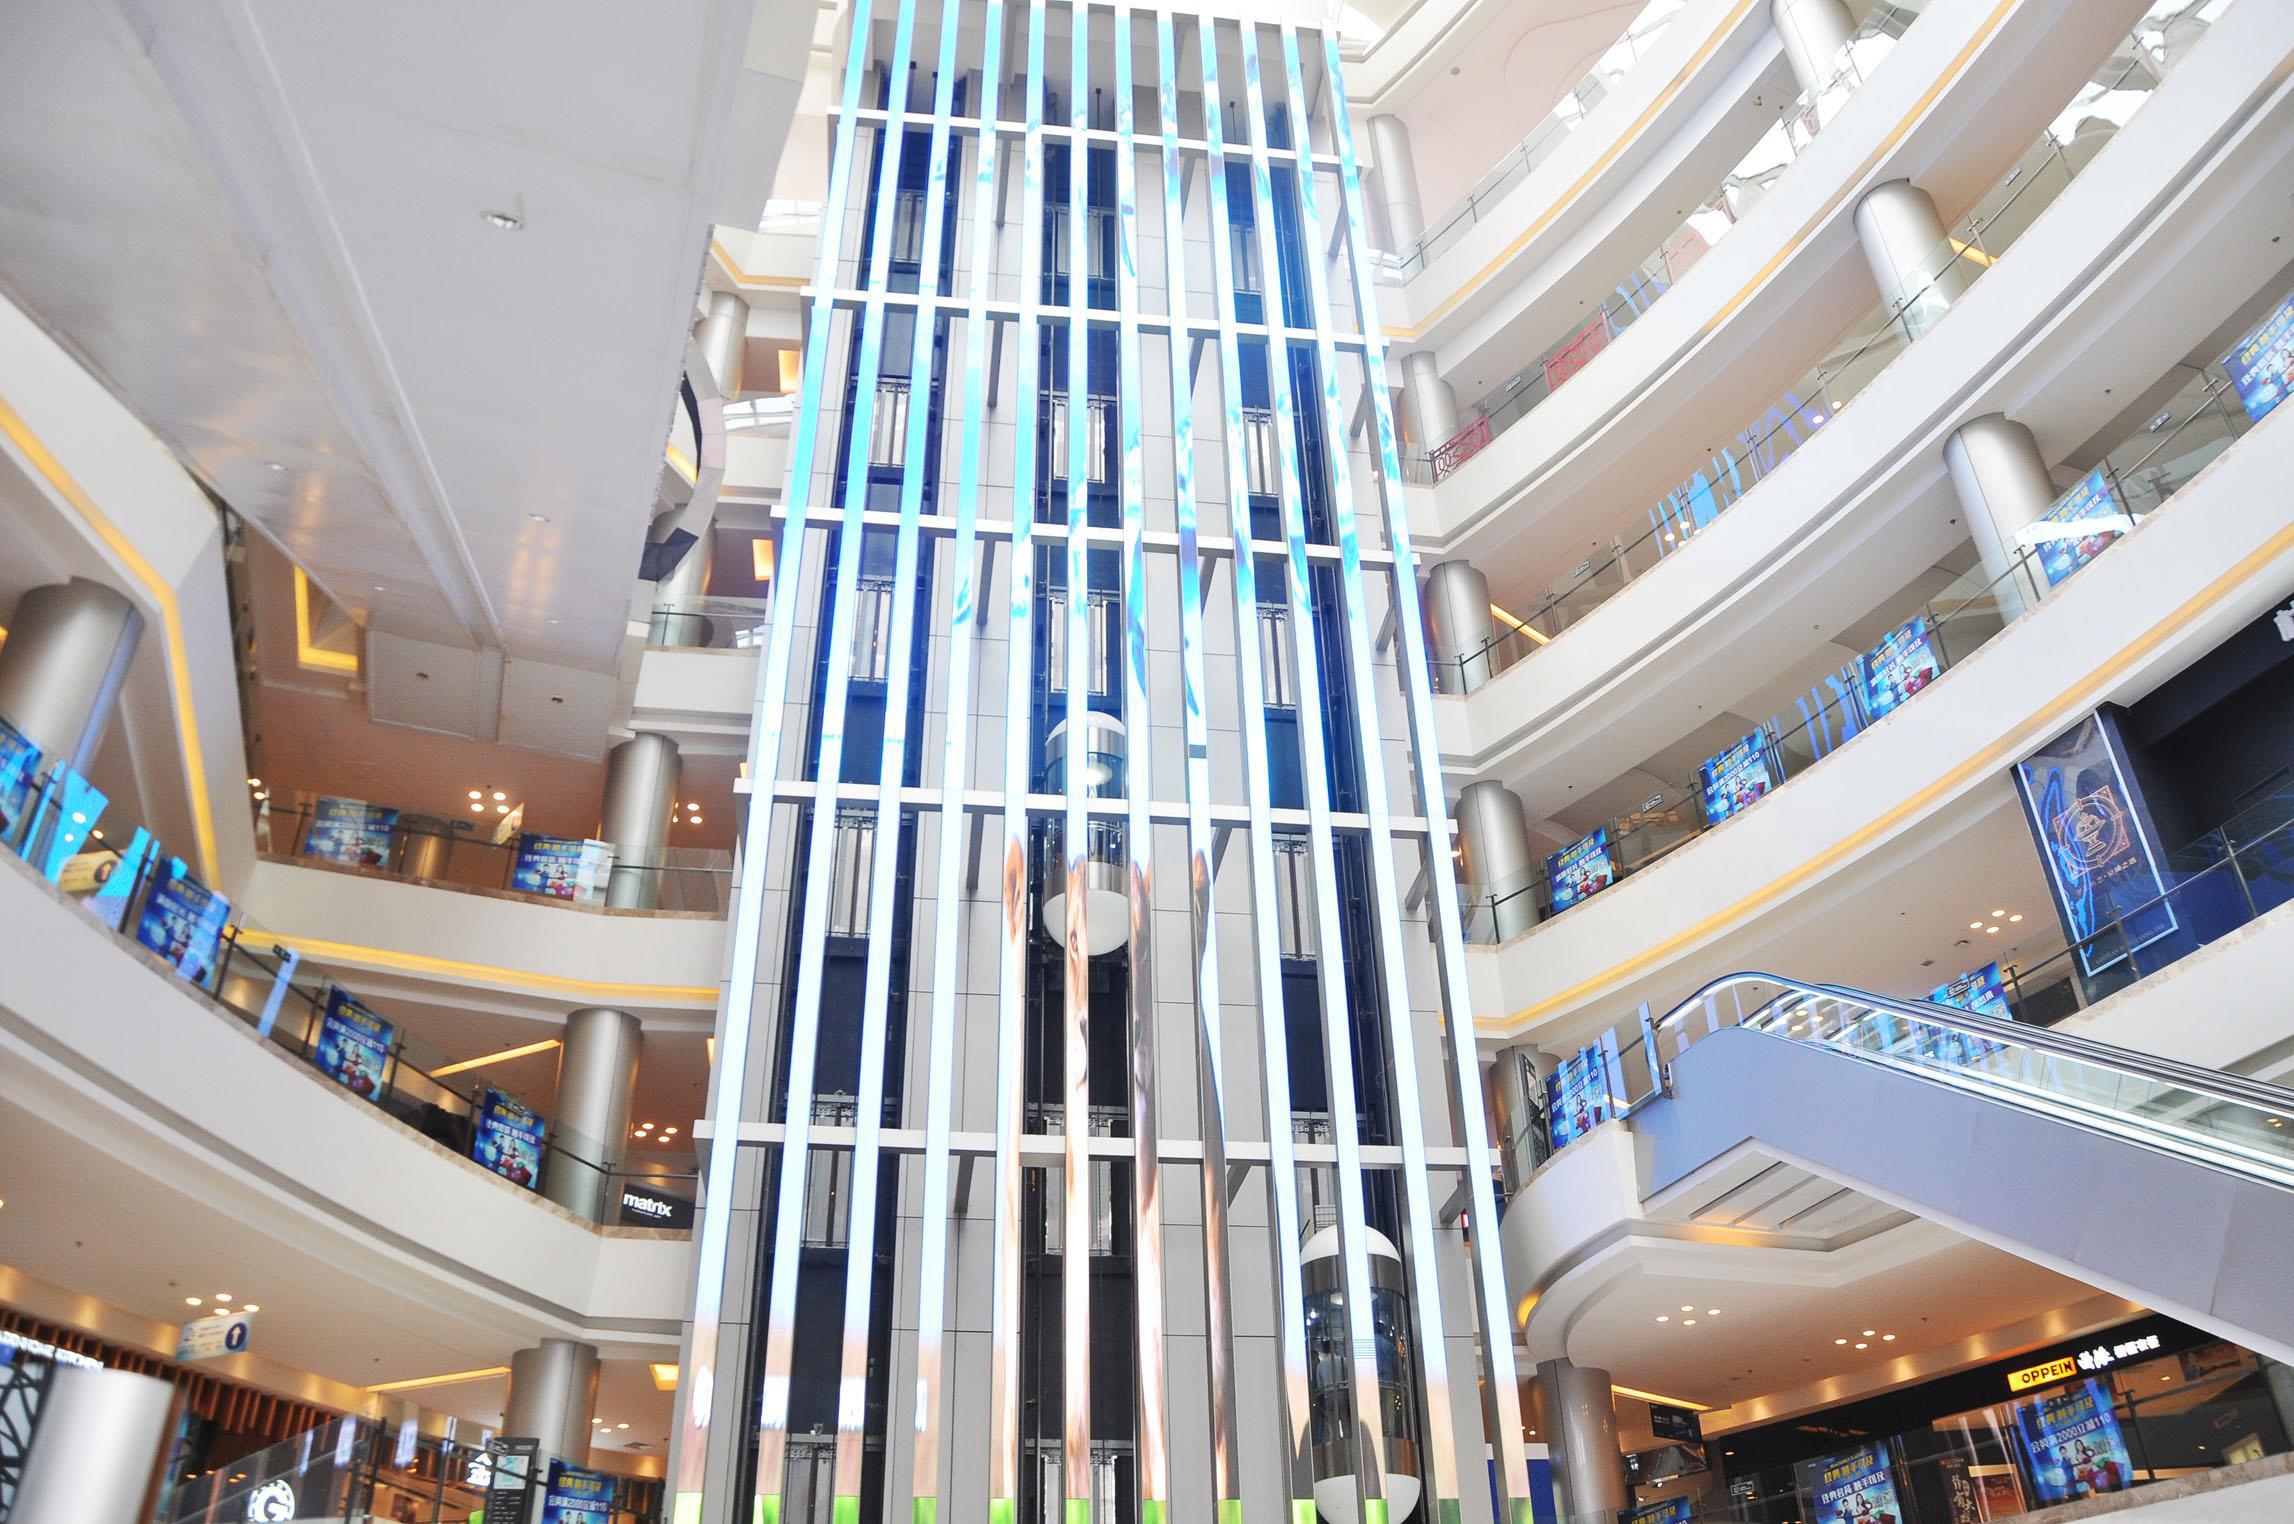 天水观光电梯厂家_乘客电梯相关-甘肃壹城壹家电梯设备工程有限公司